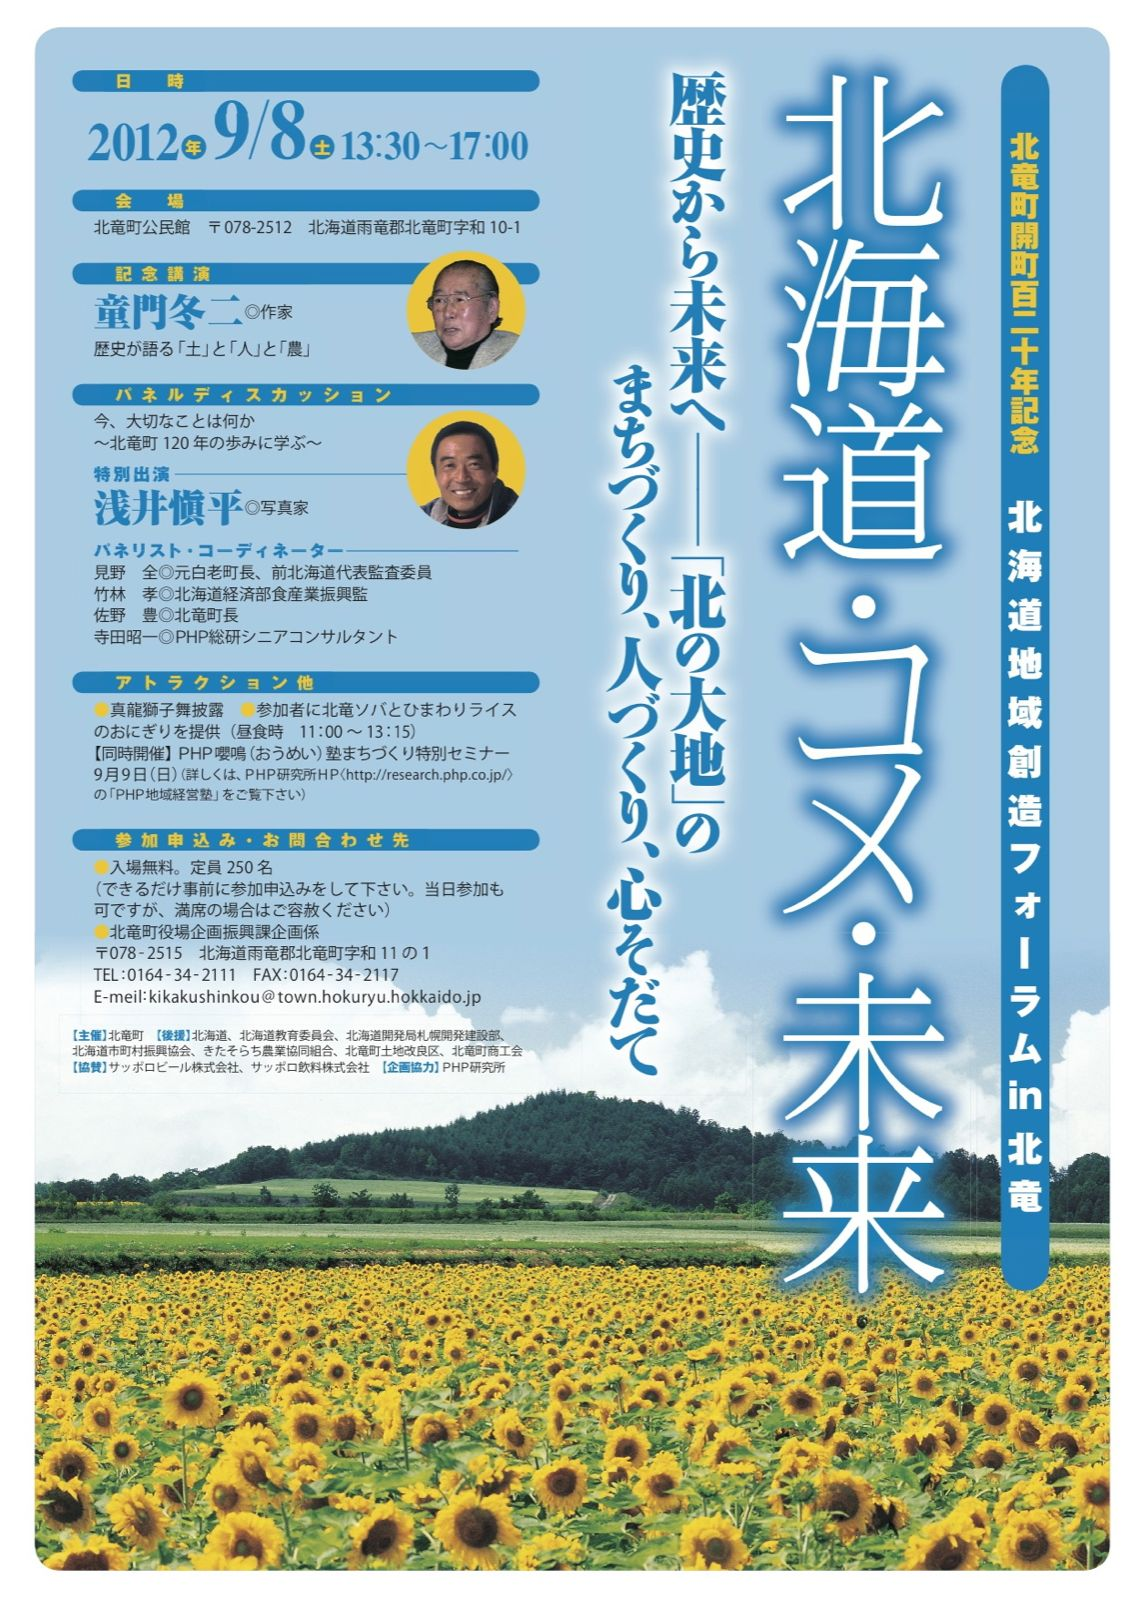 北竜町開町百二十年記念 北海道地域創造フォーラム in 北竜 「北海道・コメ・未来」